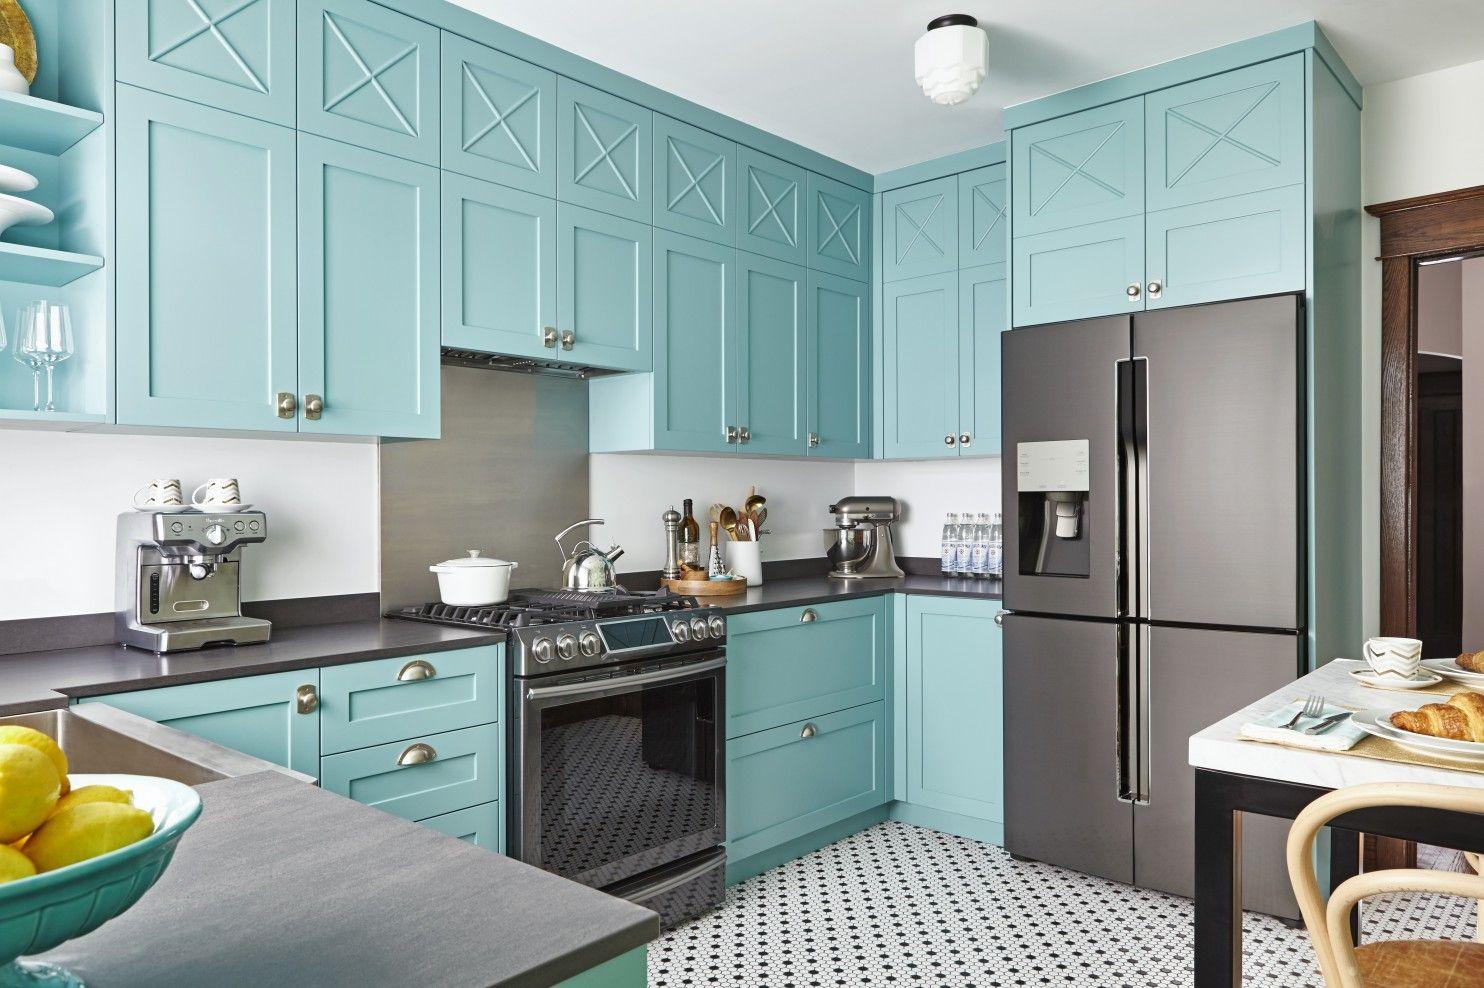 Osez La Couleur Dans La Cuisine Teal Kitchen Cabinets Colorful Kitchen Decor Kitchen Cabinet Colors